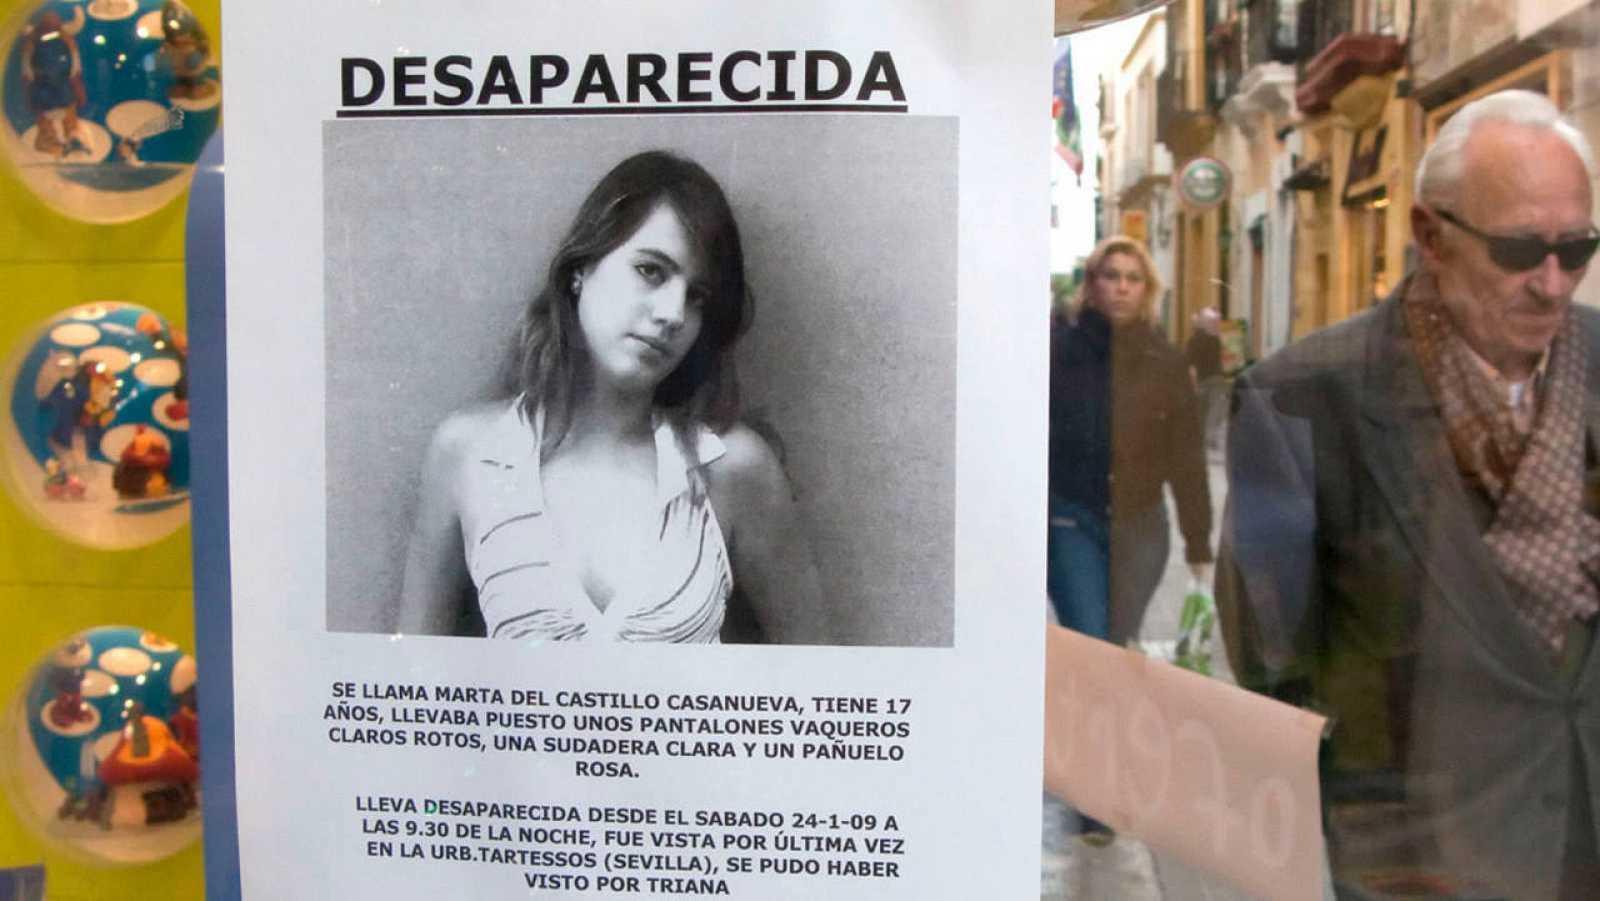 Un juez de Sevilla reabre el caso Marta del Castillo ante nuevas pistas